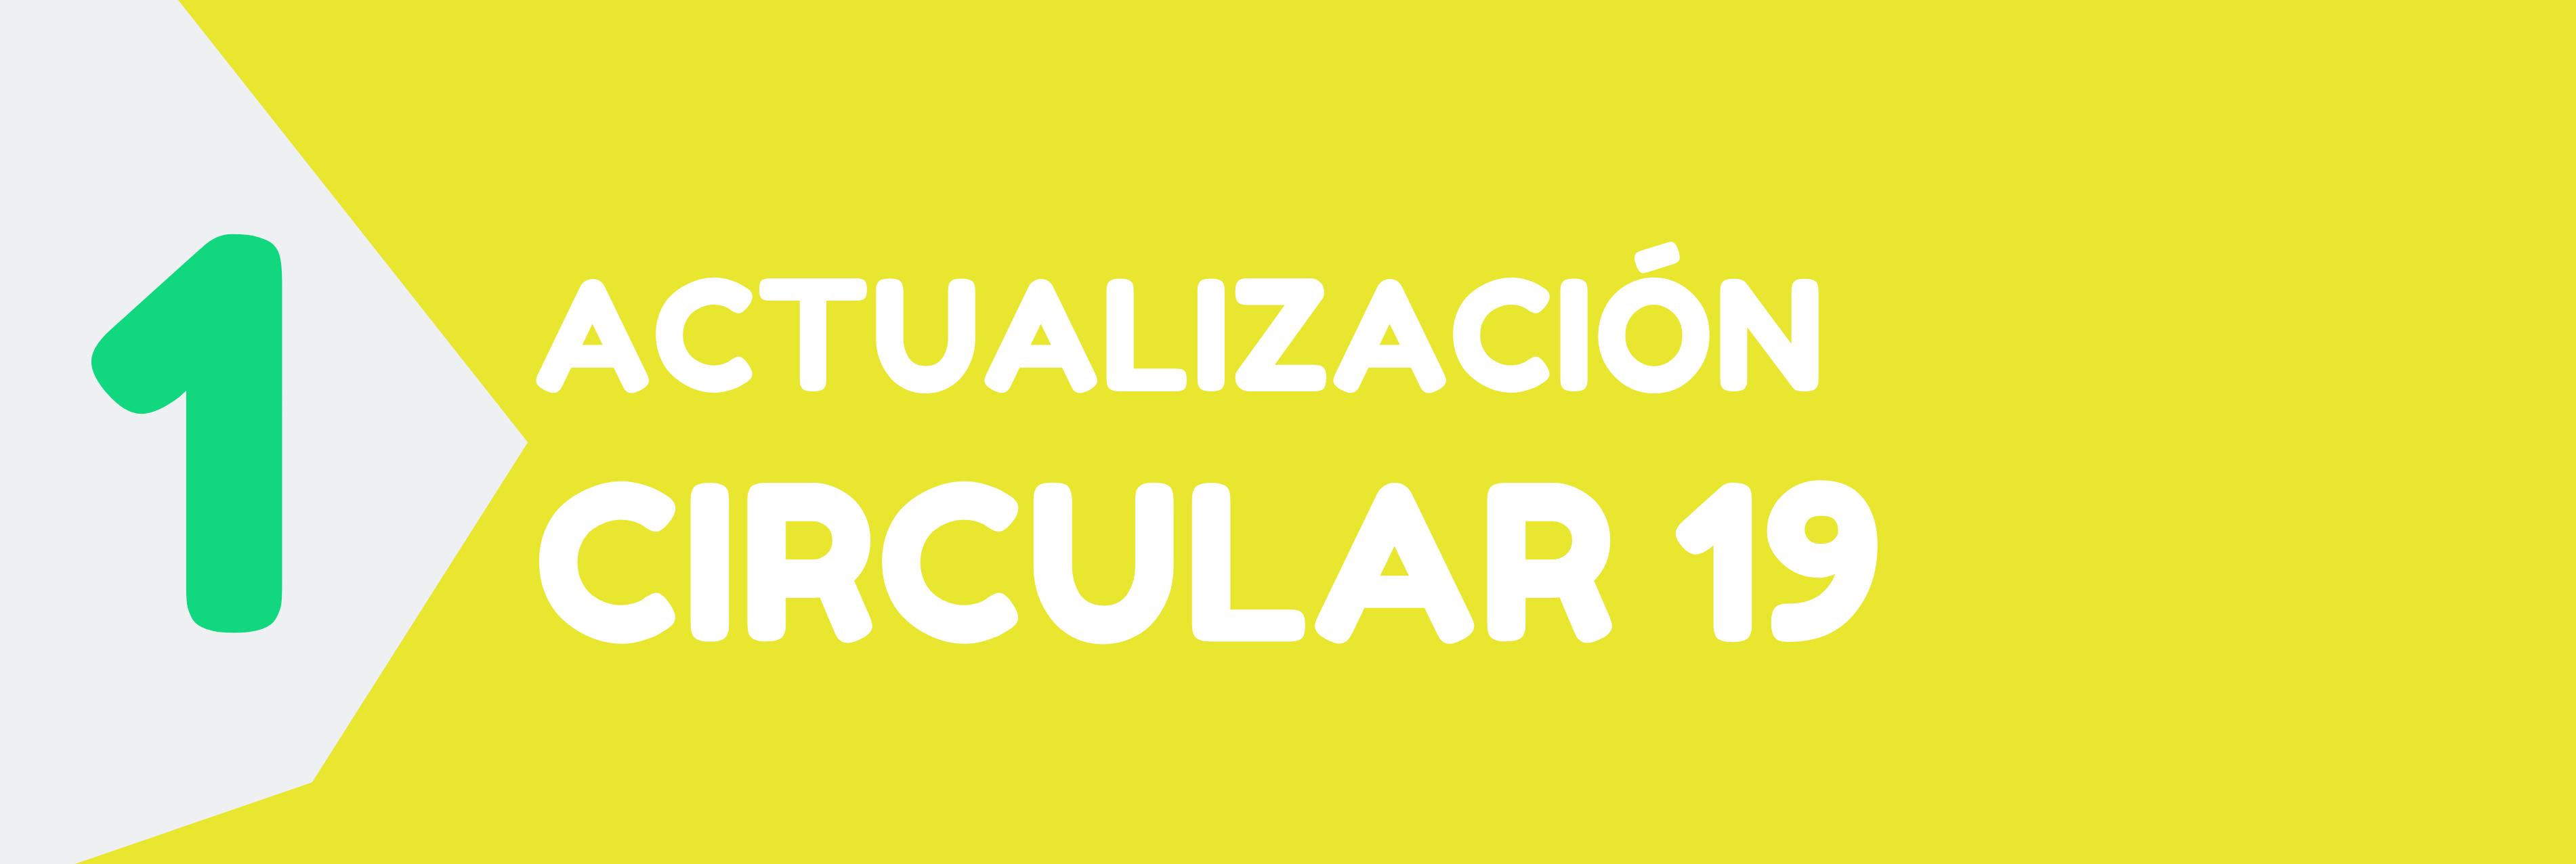 http://ccmagangue.org.co/media/imagenes/serviciosvirtuales/actualizacioncircular19